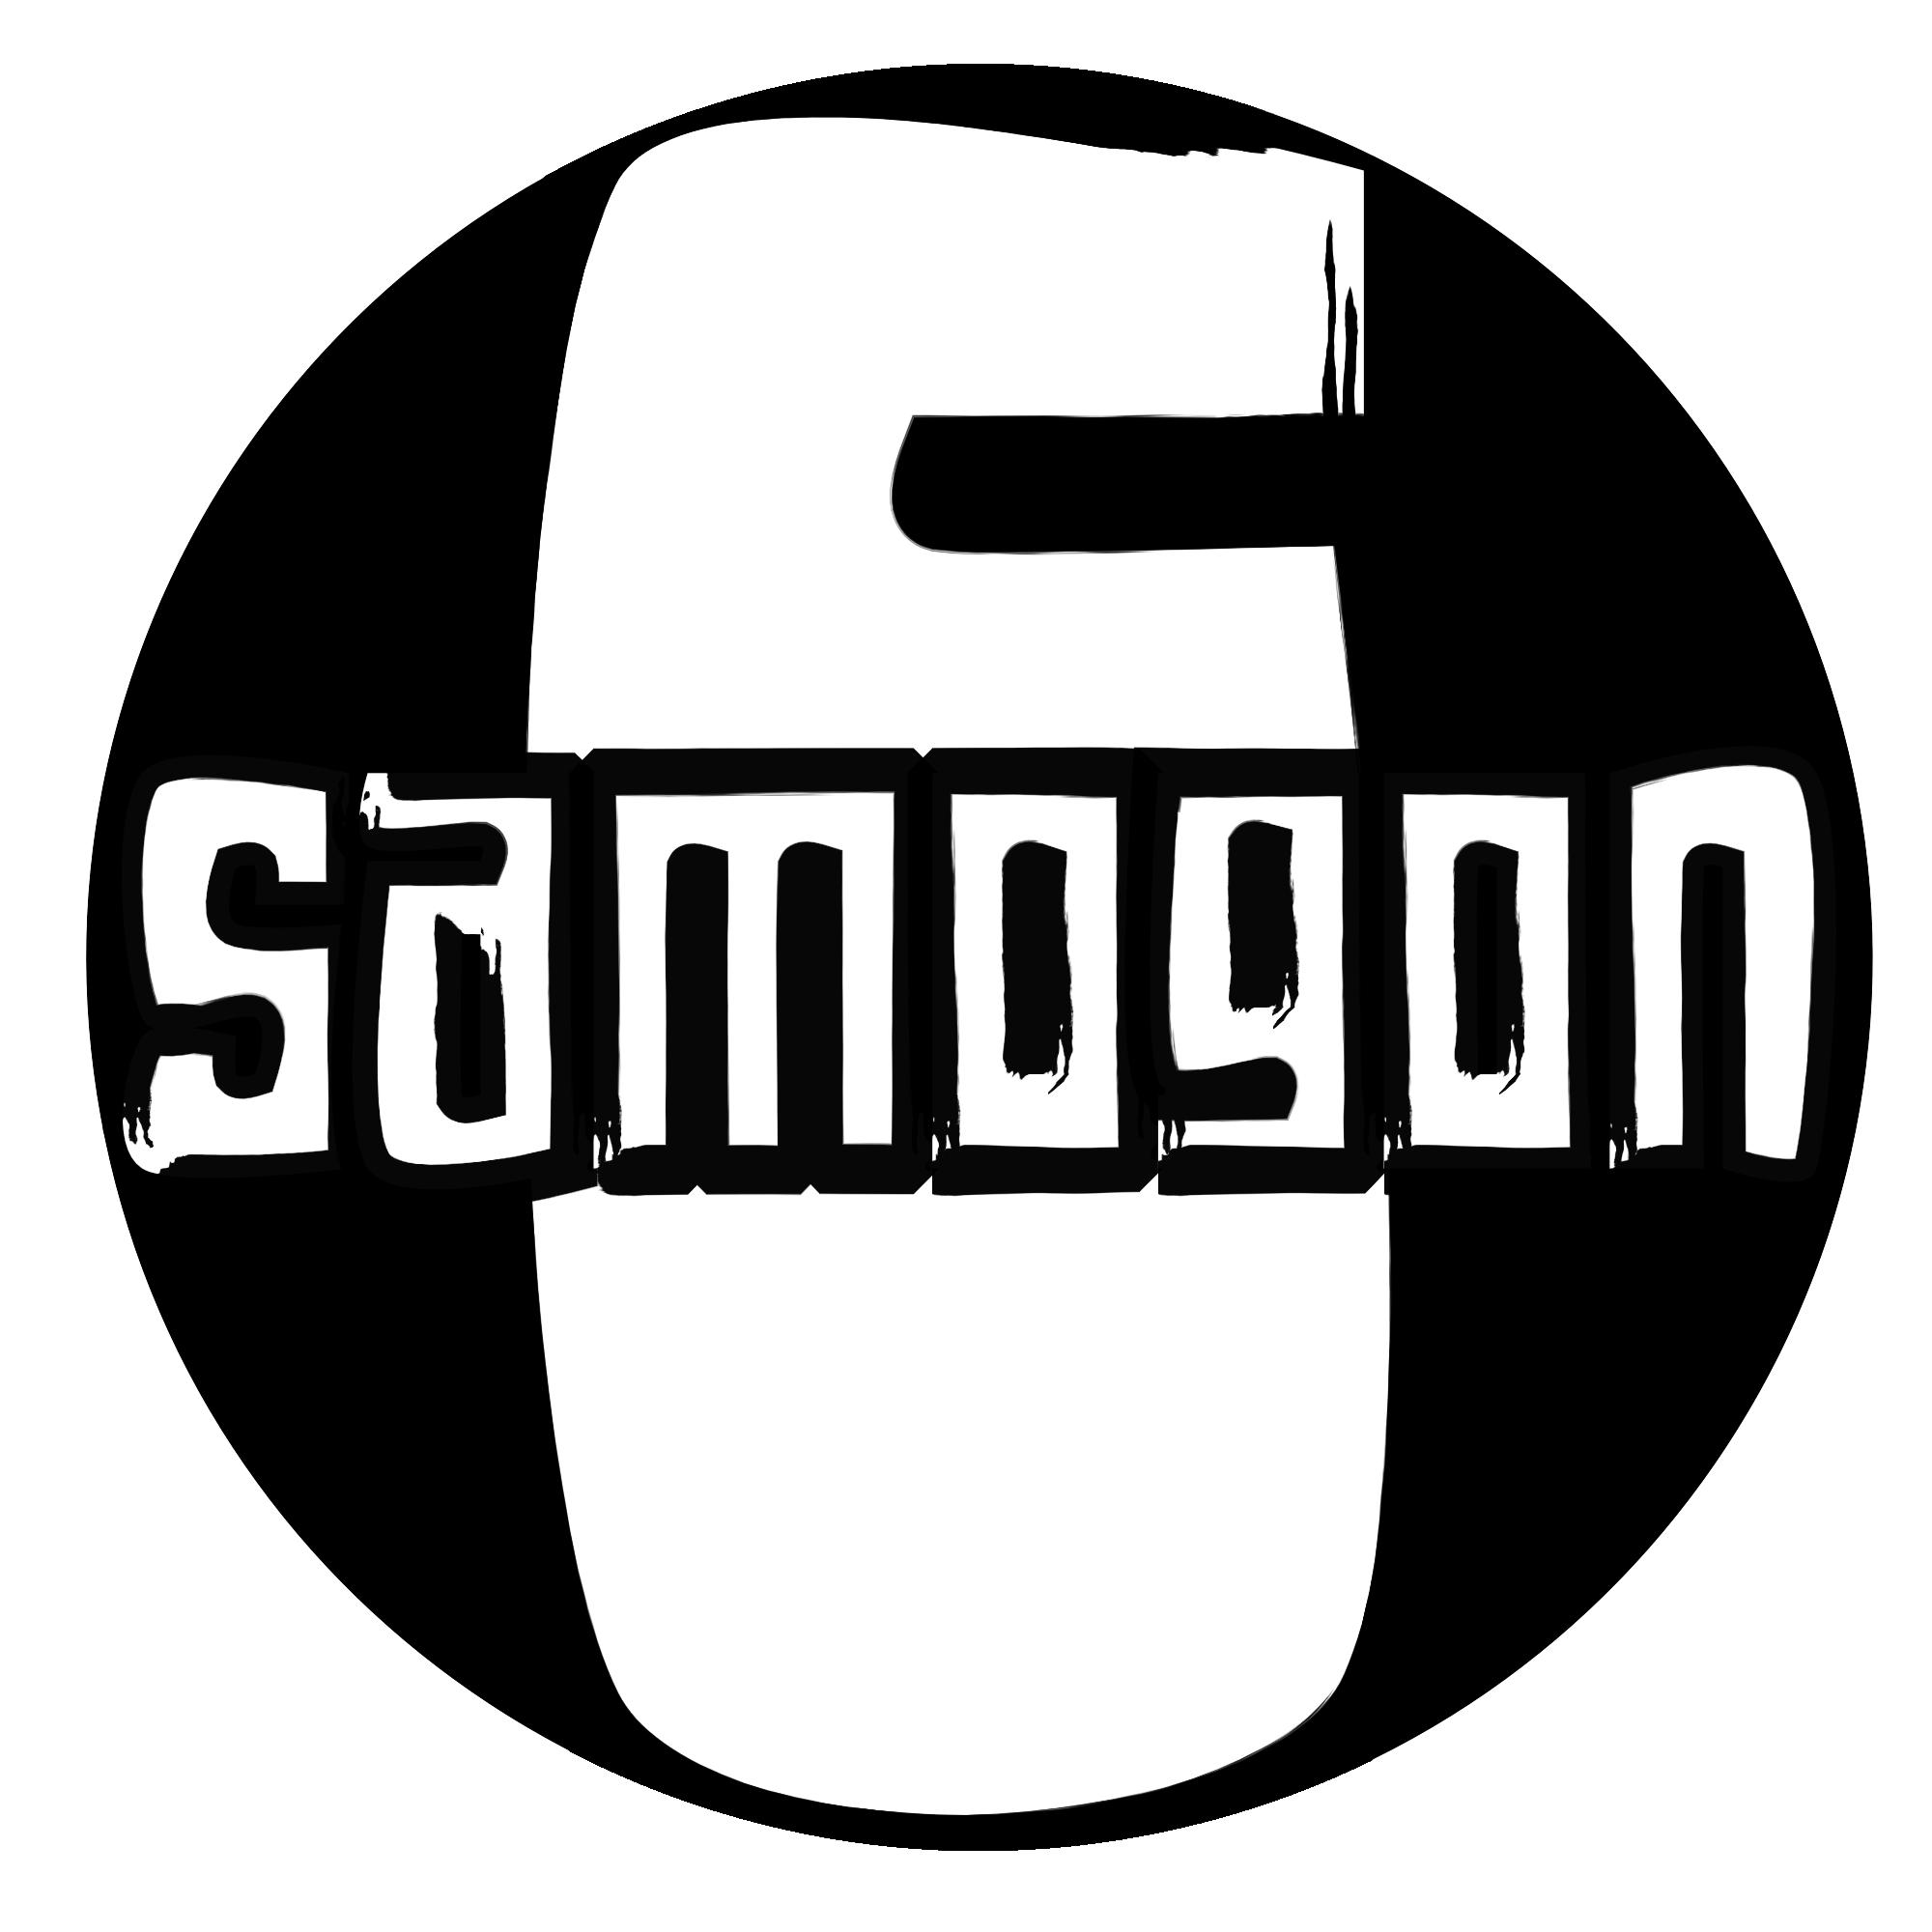 Samogon